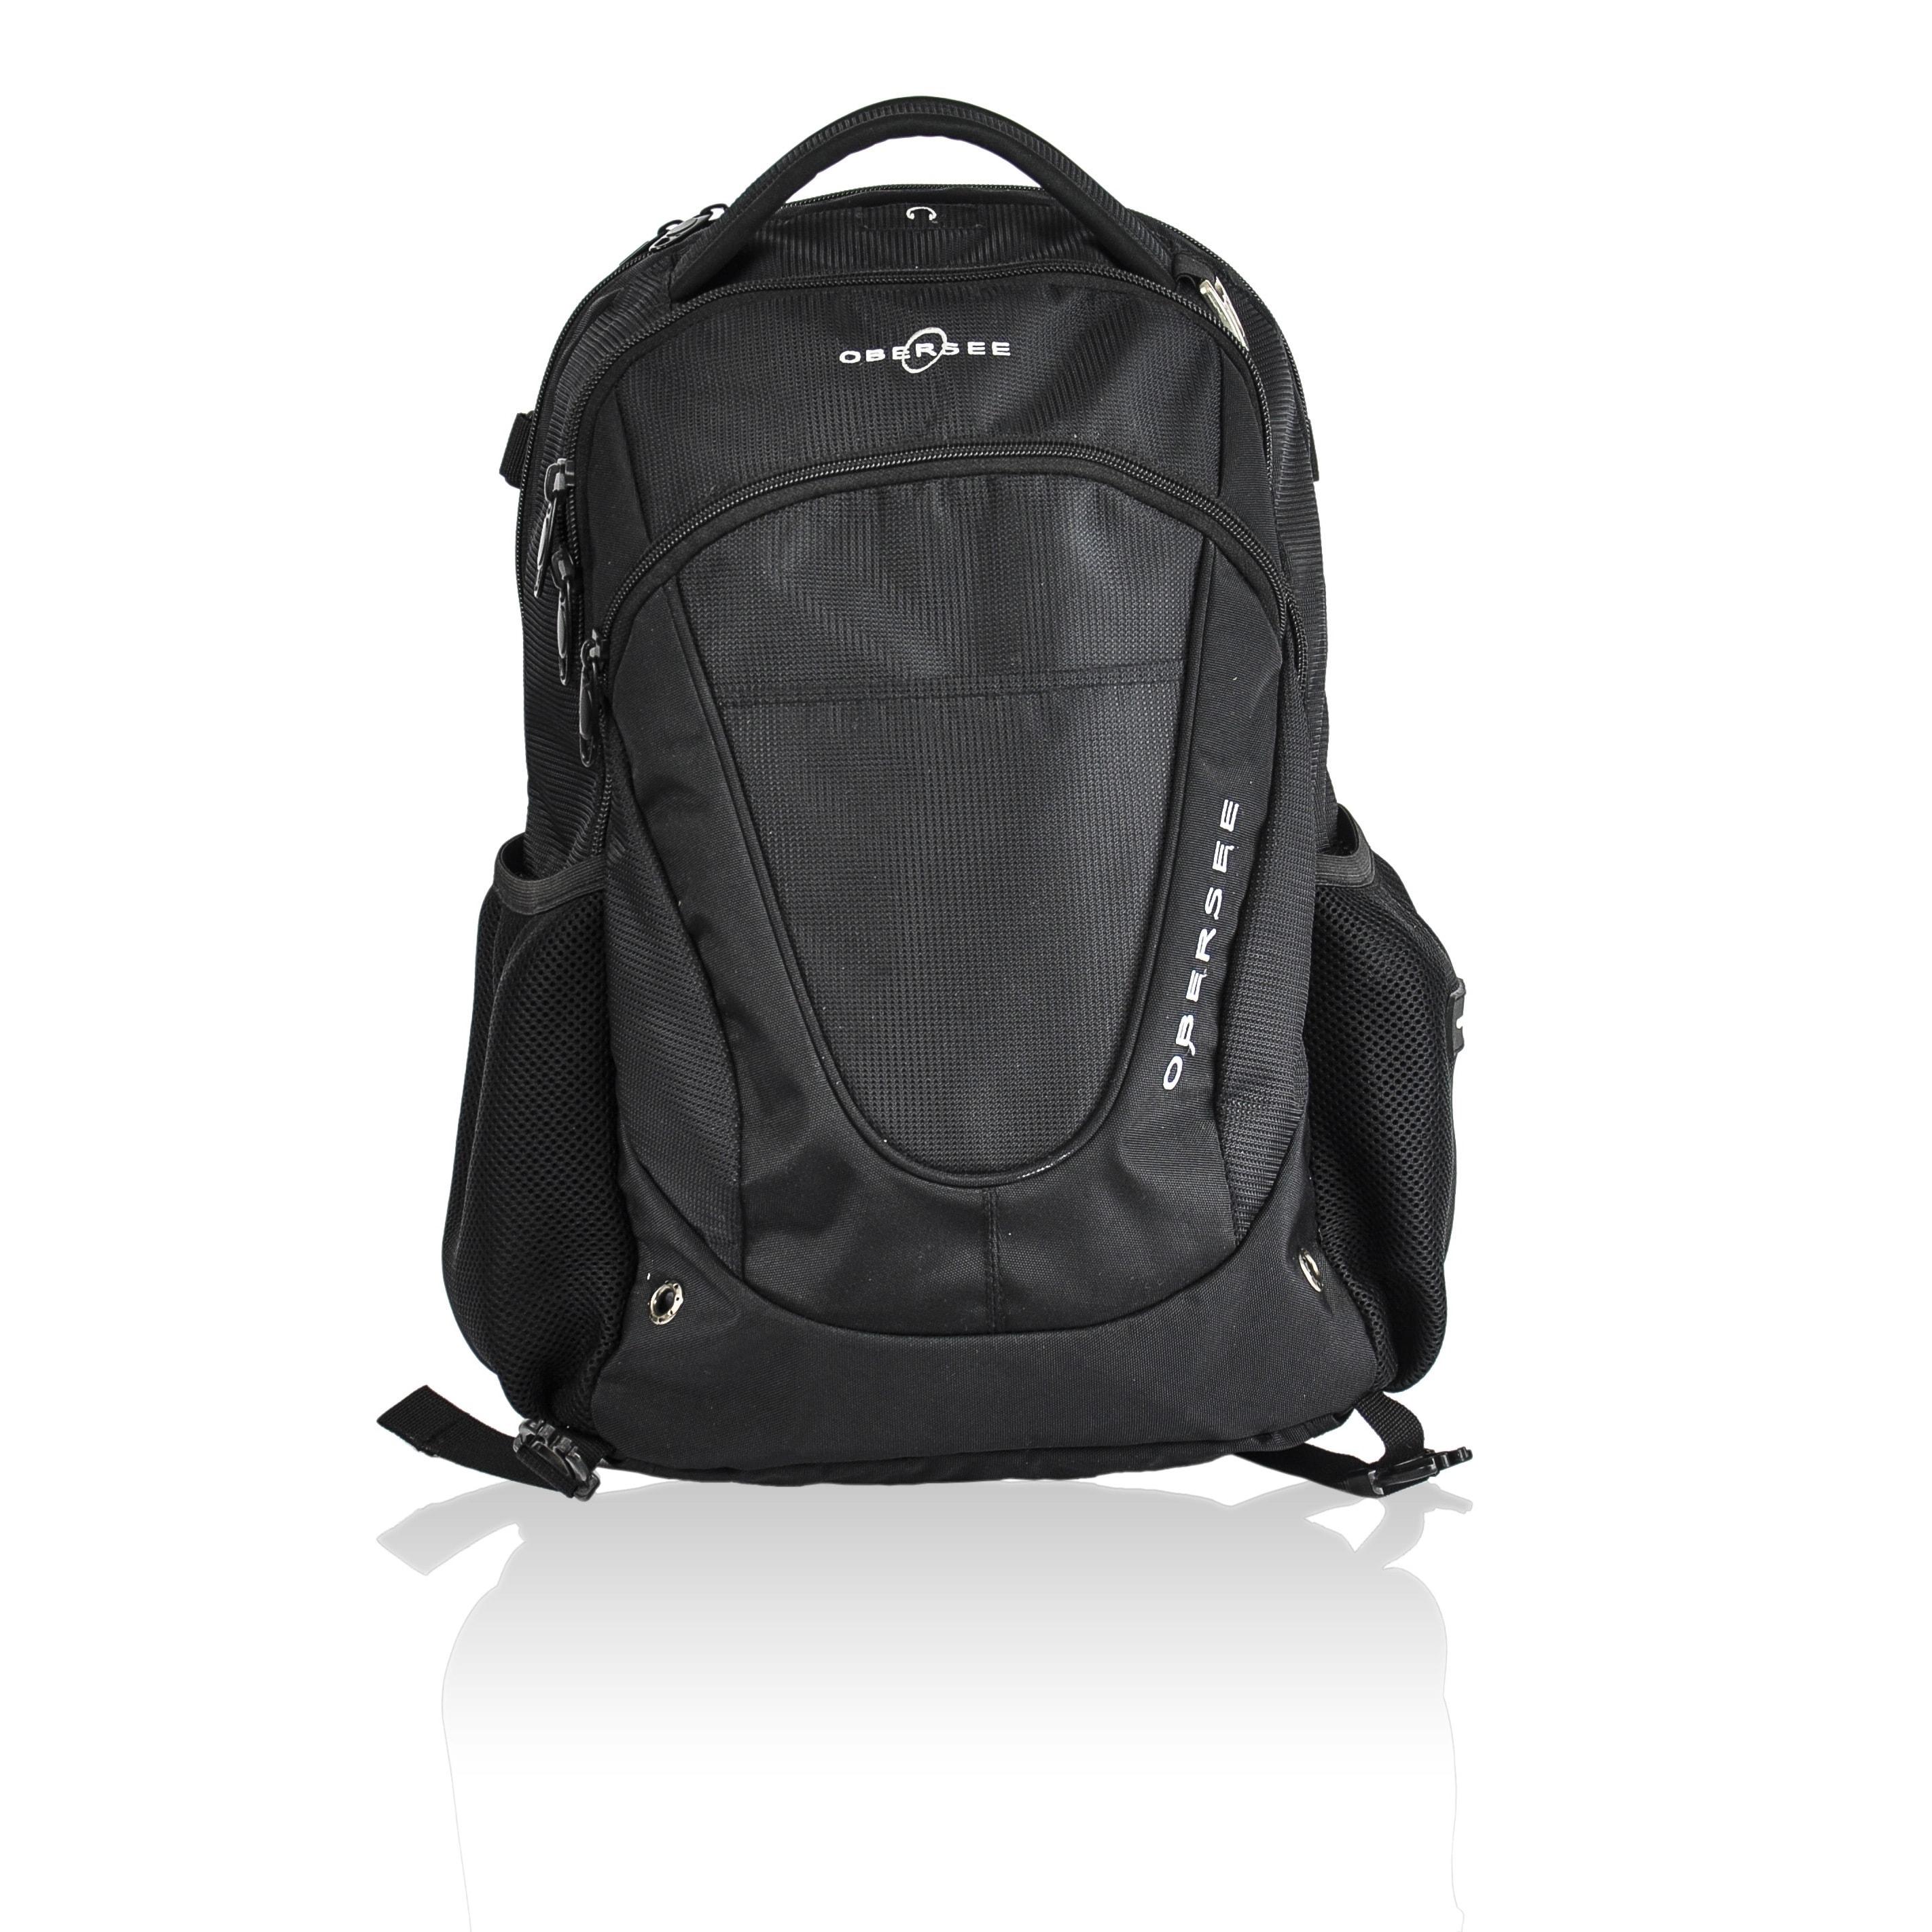 Obersee Oslo Diaper Bag Backpack (Black)